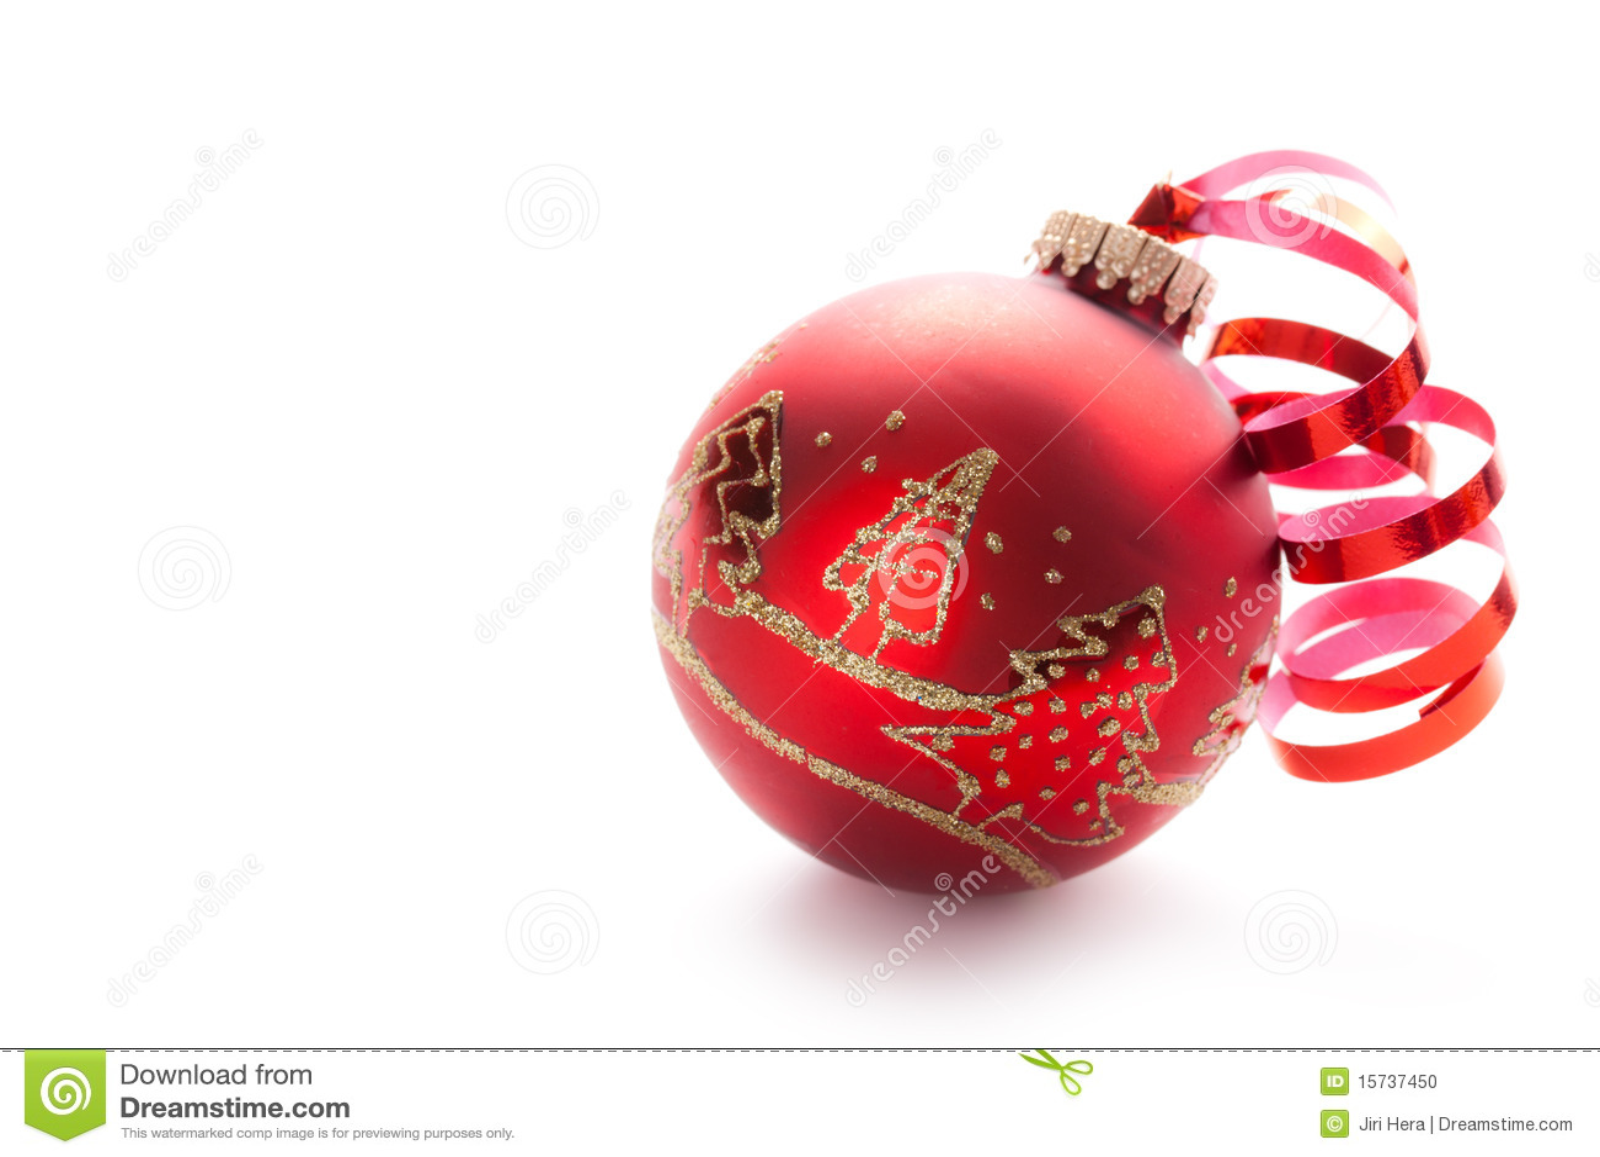 Bola roja de navidad foto de archivo imagen de cristal 15737450 - Fotos de bolas de navidad ...